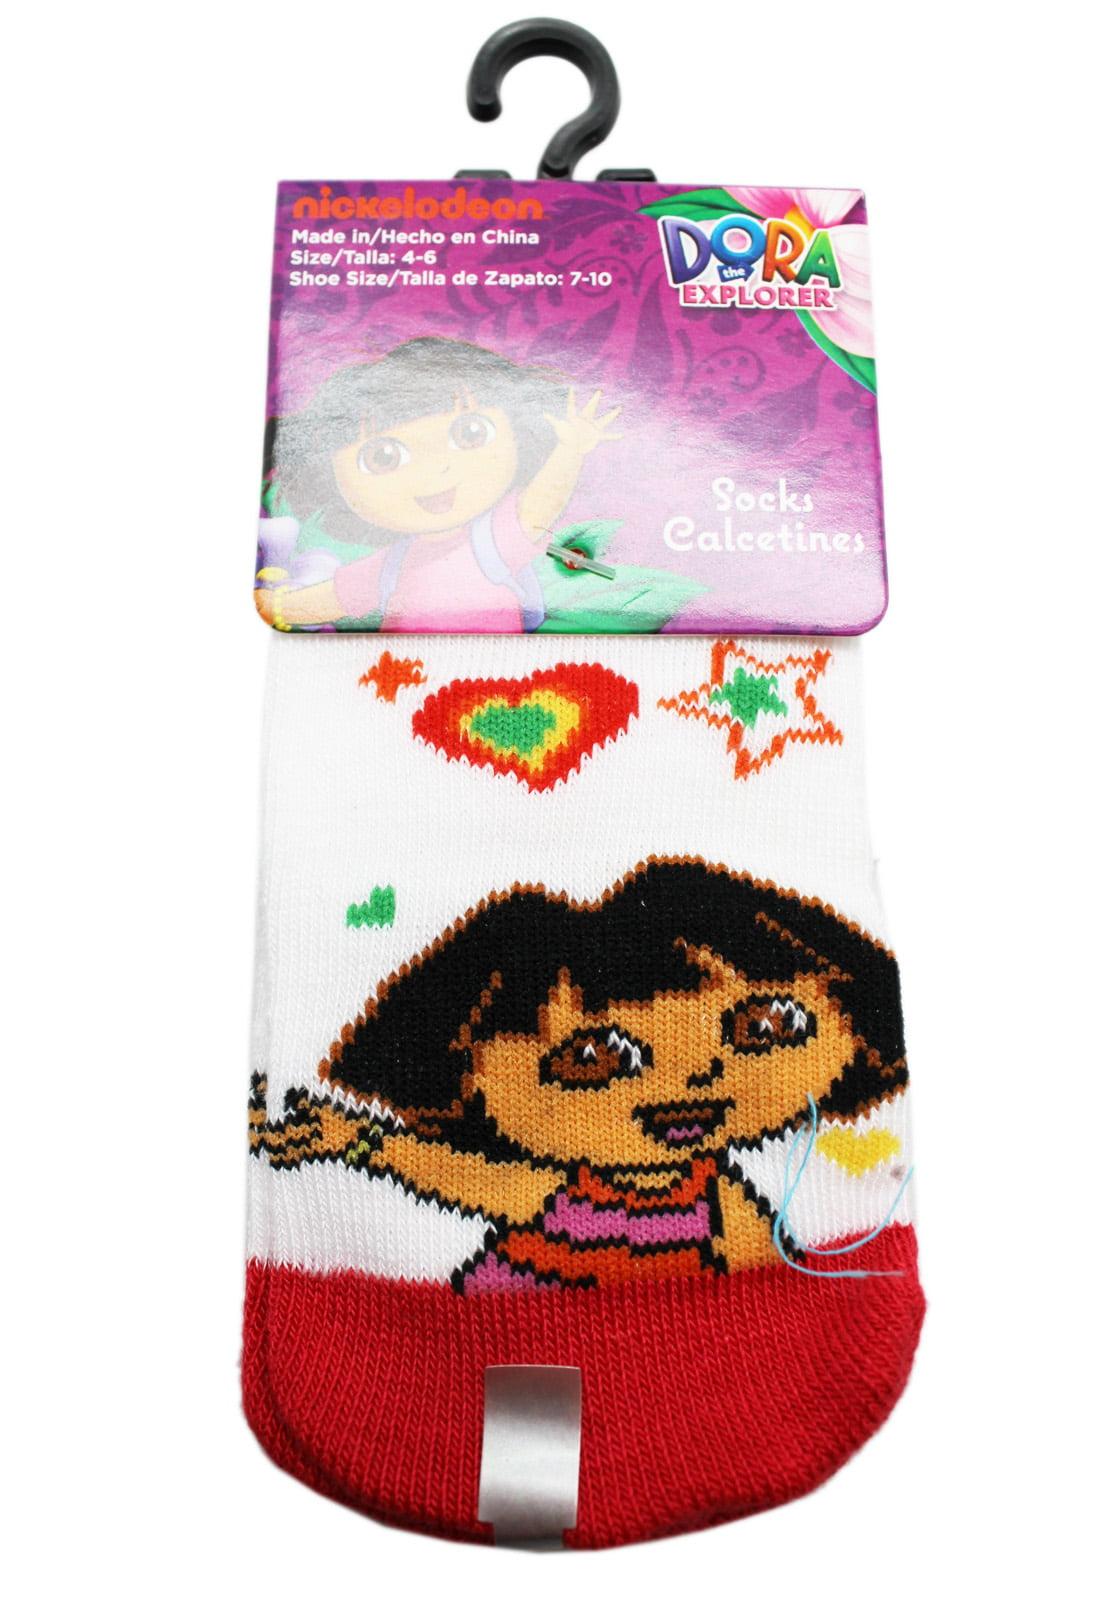 Dora the Explorer Heart of a Star Red/White Toddler Socks (1 Pair, Size 4-6)